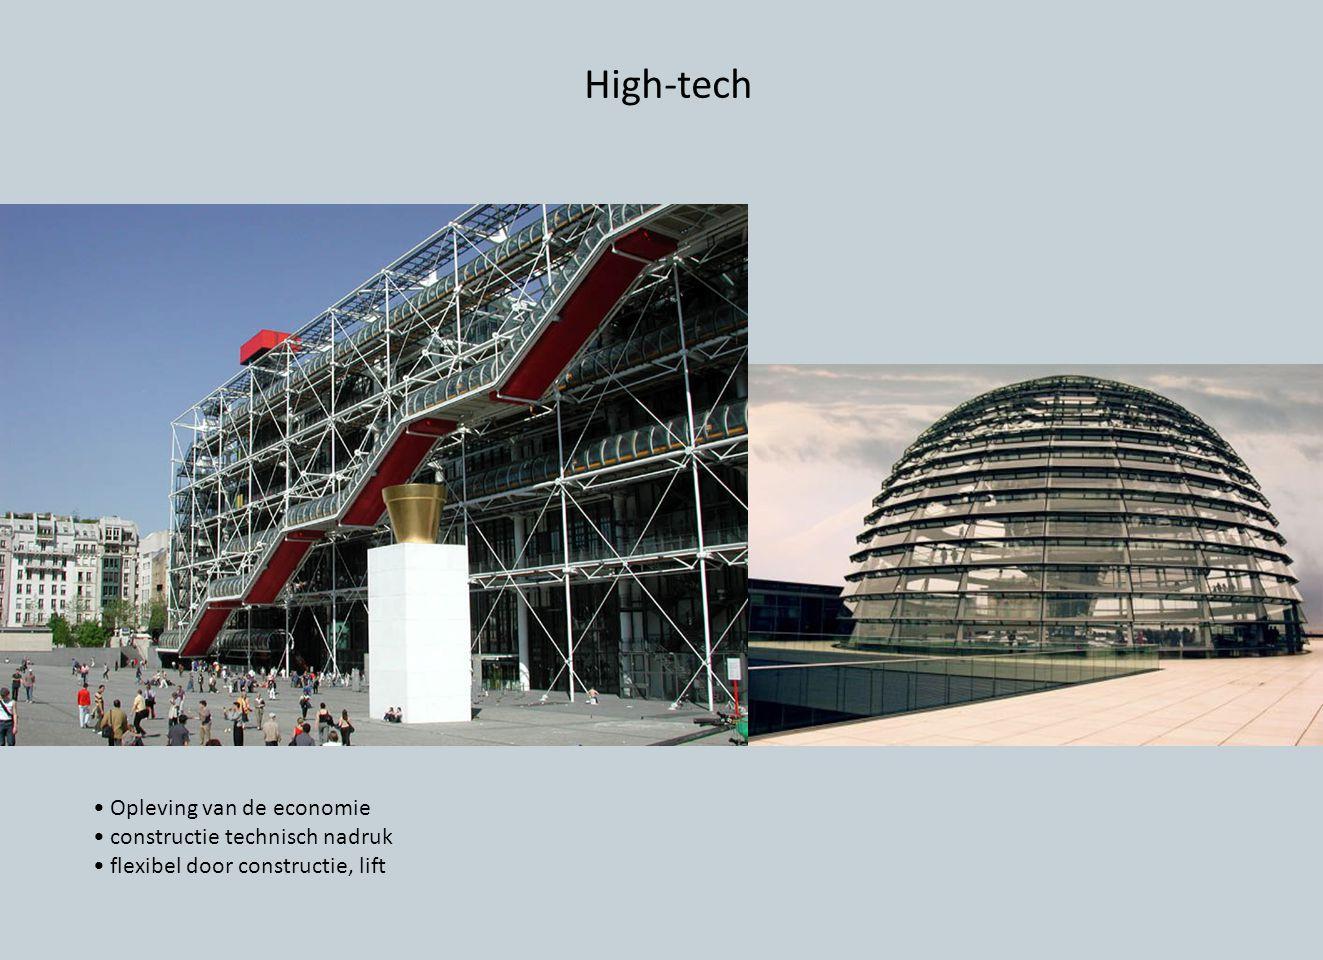 High-tech Opleving van de economie constructie technisch nadruk flexibel door constructie, lift